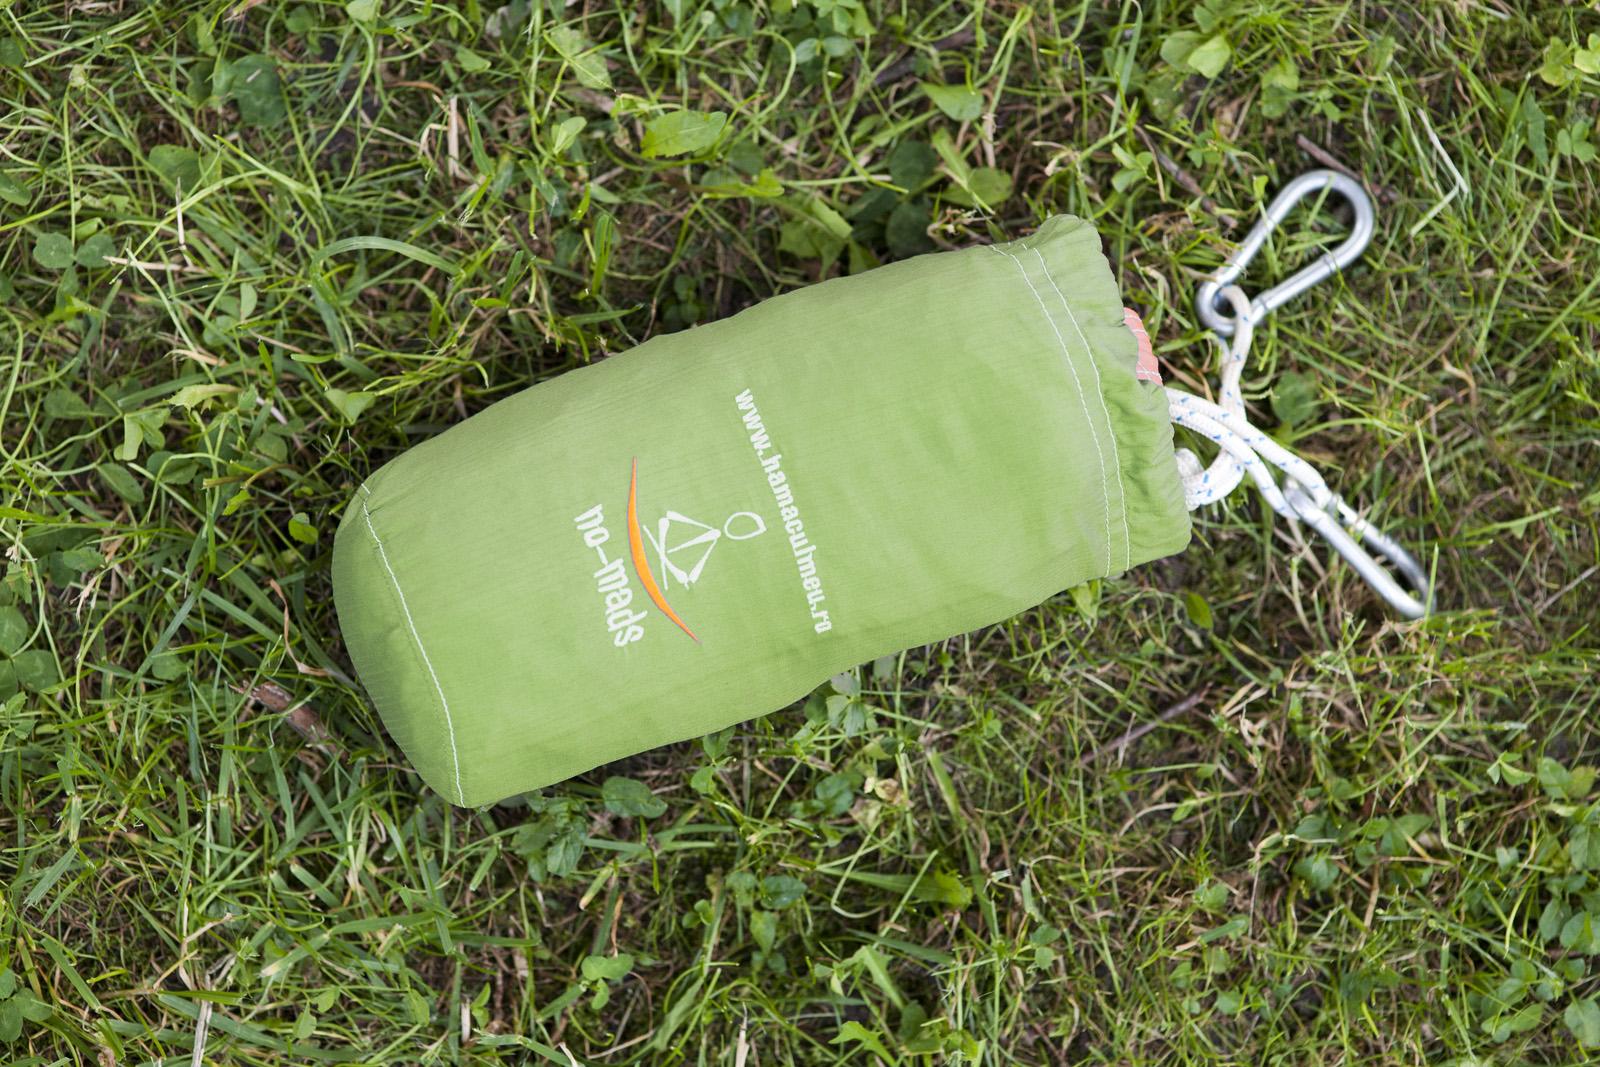 hamac ripstop green-brown saculet